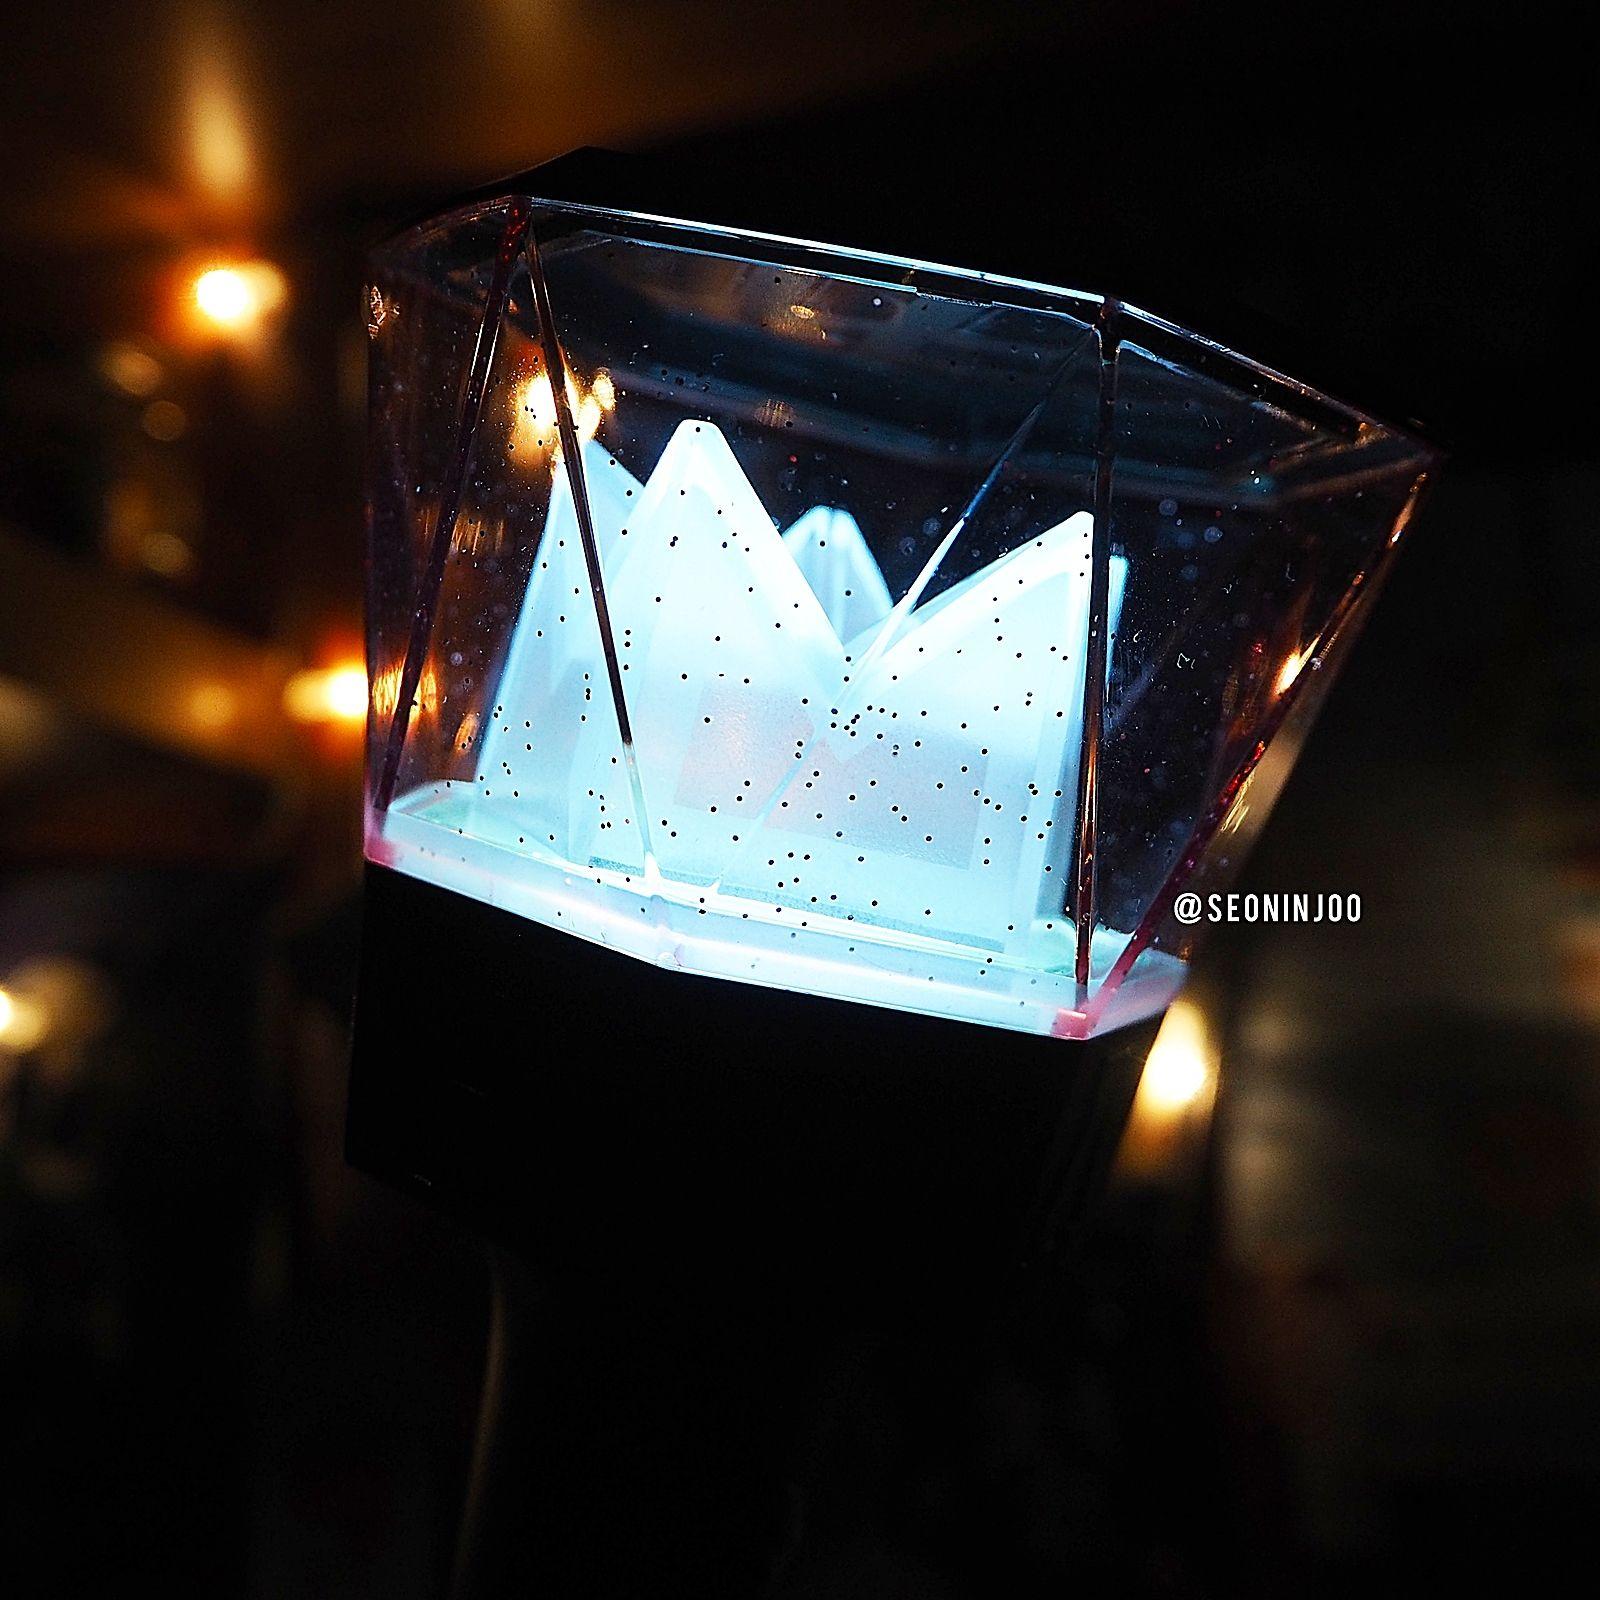 """Monsta X Official Light Stick À¸¡à¸à¸™à¸"""" À¸‡à¸‡ ˪¬ë'¥ì´ ˪¬ìŠ¤íƒ€ì—'스 Kpopper Kpop"""